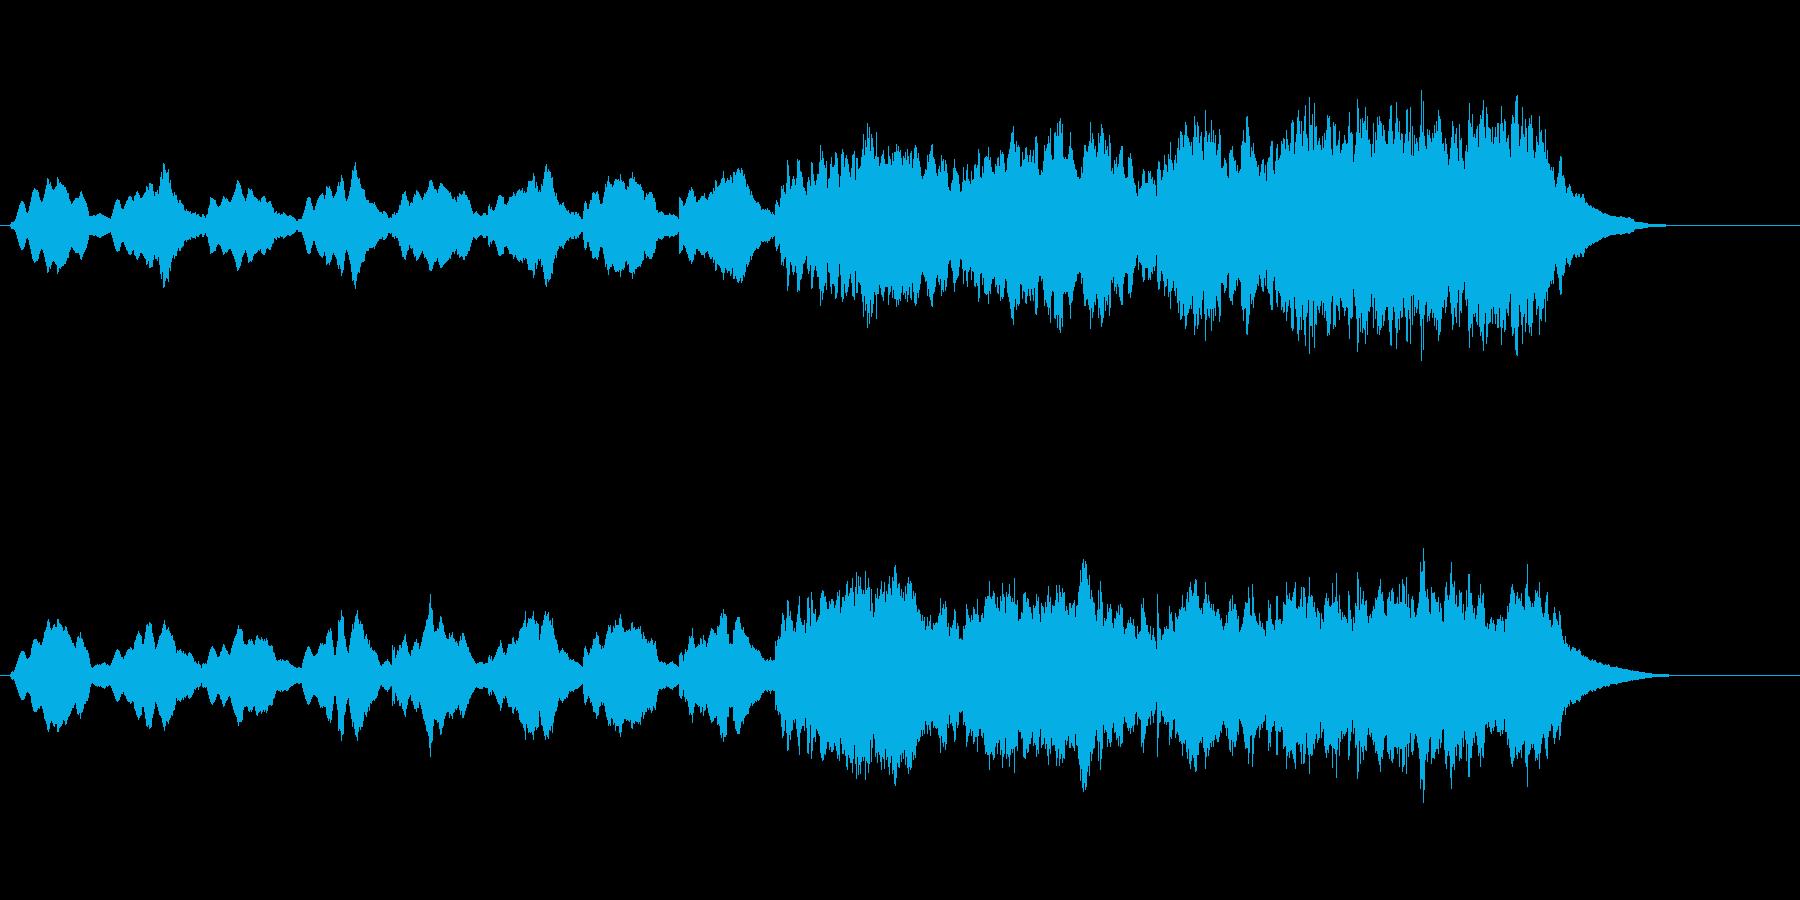 環境音楽(幻想的な雰囲気)の再生済みの波形